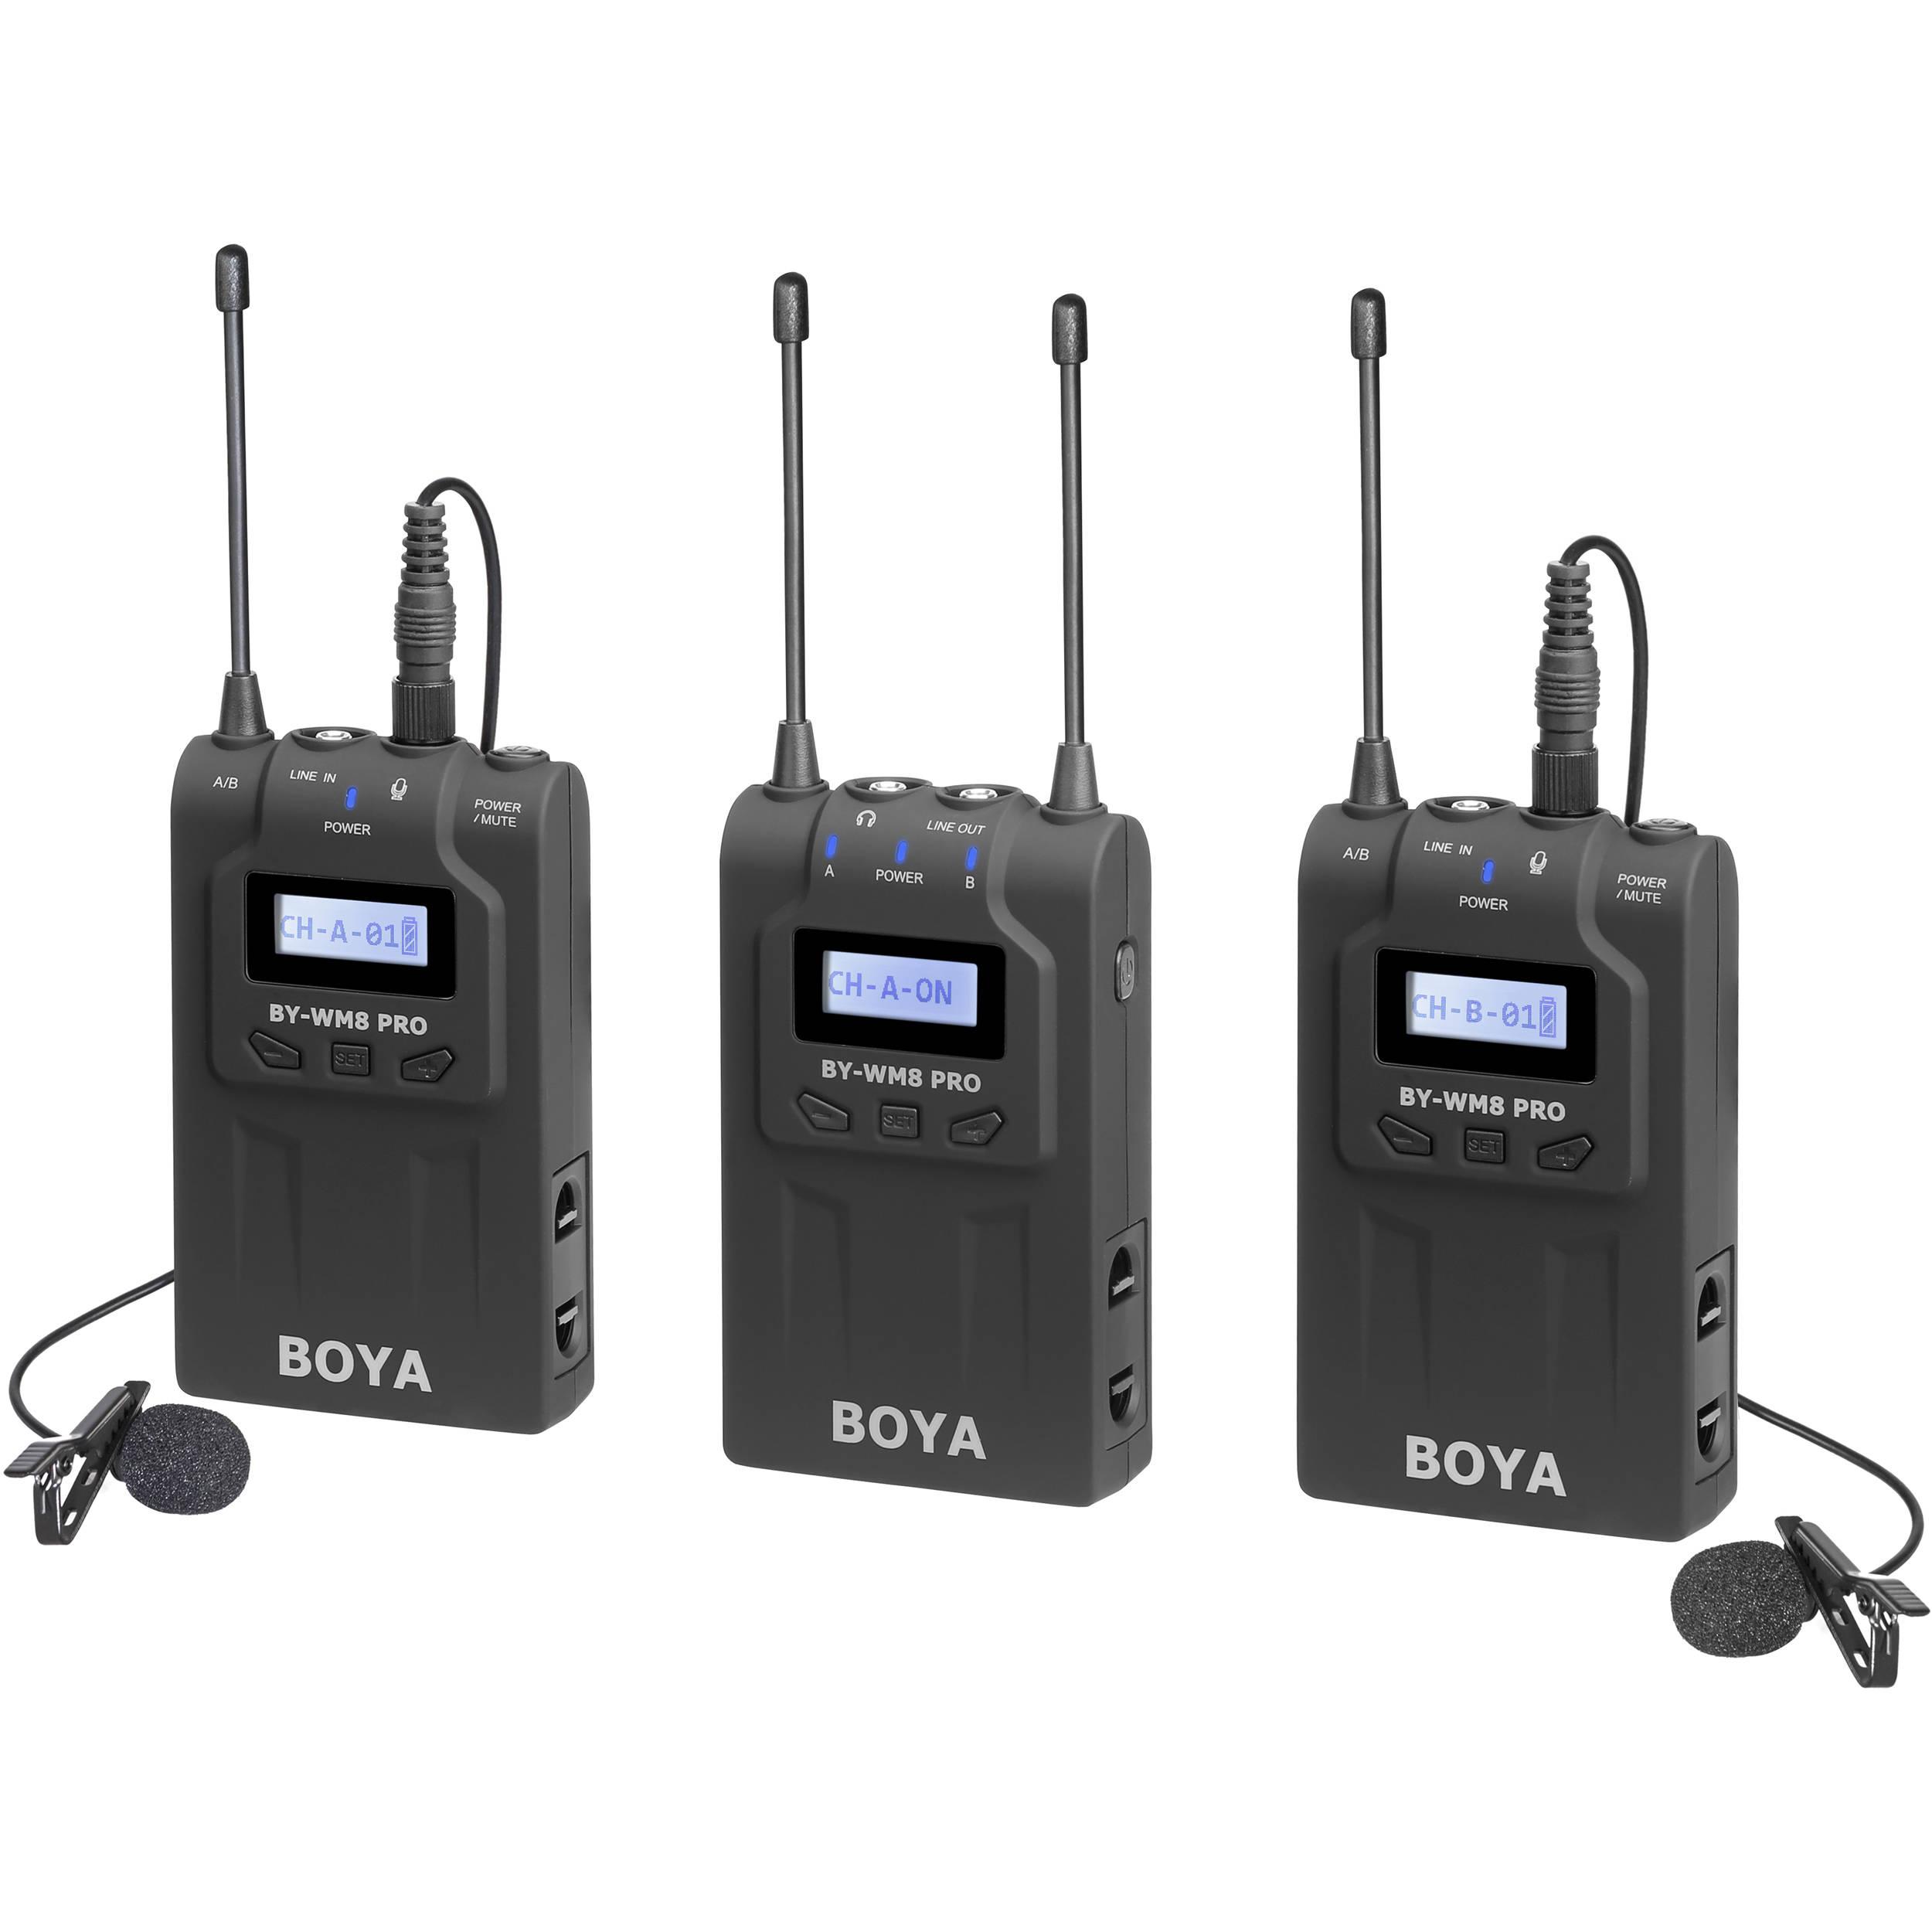 Boya By Wm8 Pro K2 Uhf Dual Channel Wireless Lavalier By Wm8 Pro